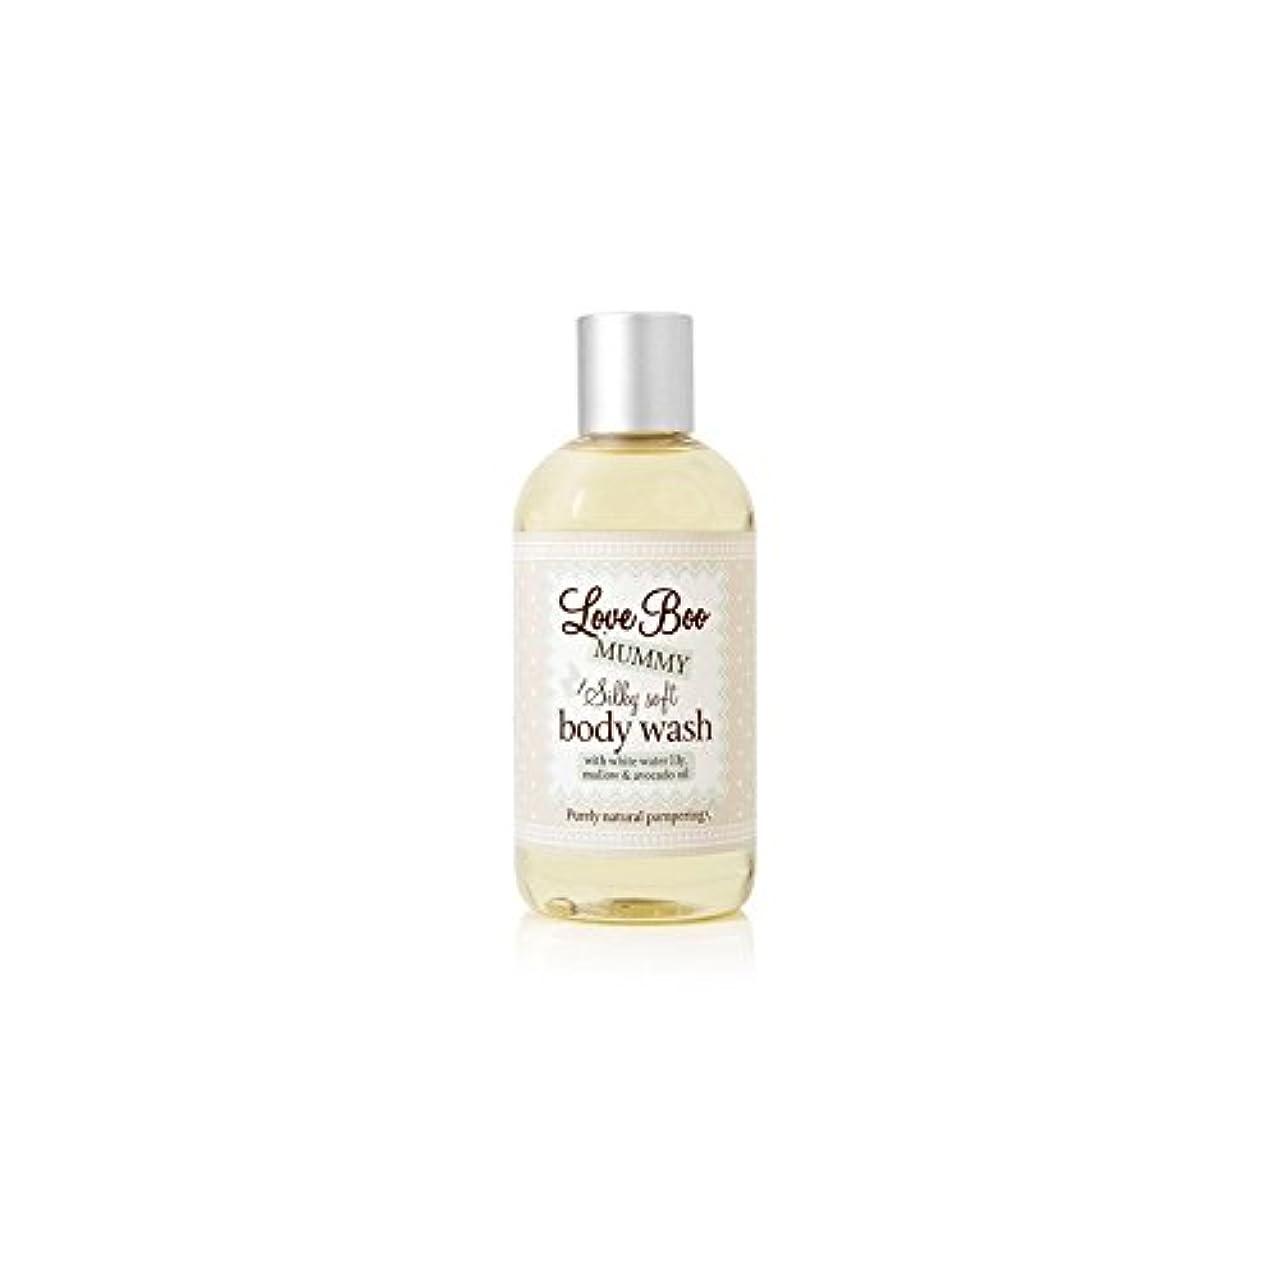 ベーシック予測子刑務所Love Boo Silky Soft Body Wash (250ml) - 絹のようなソフトボディウォッシュ(250ミリリットル)愛 [並行輸入品]